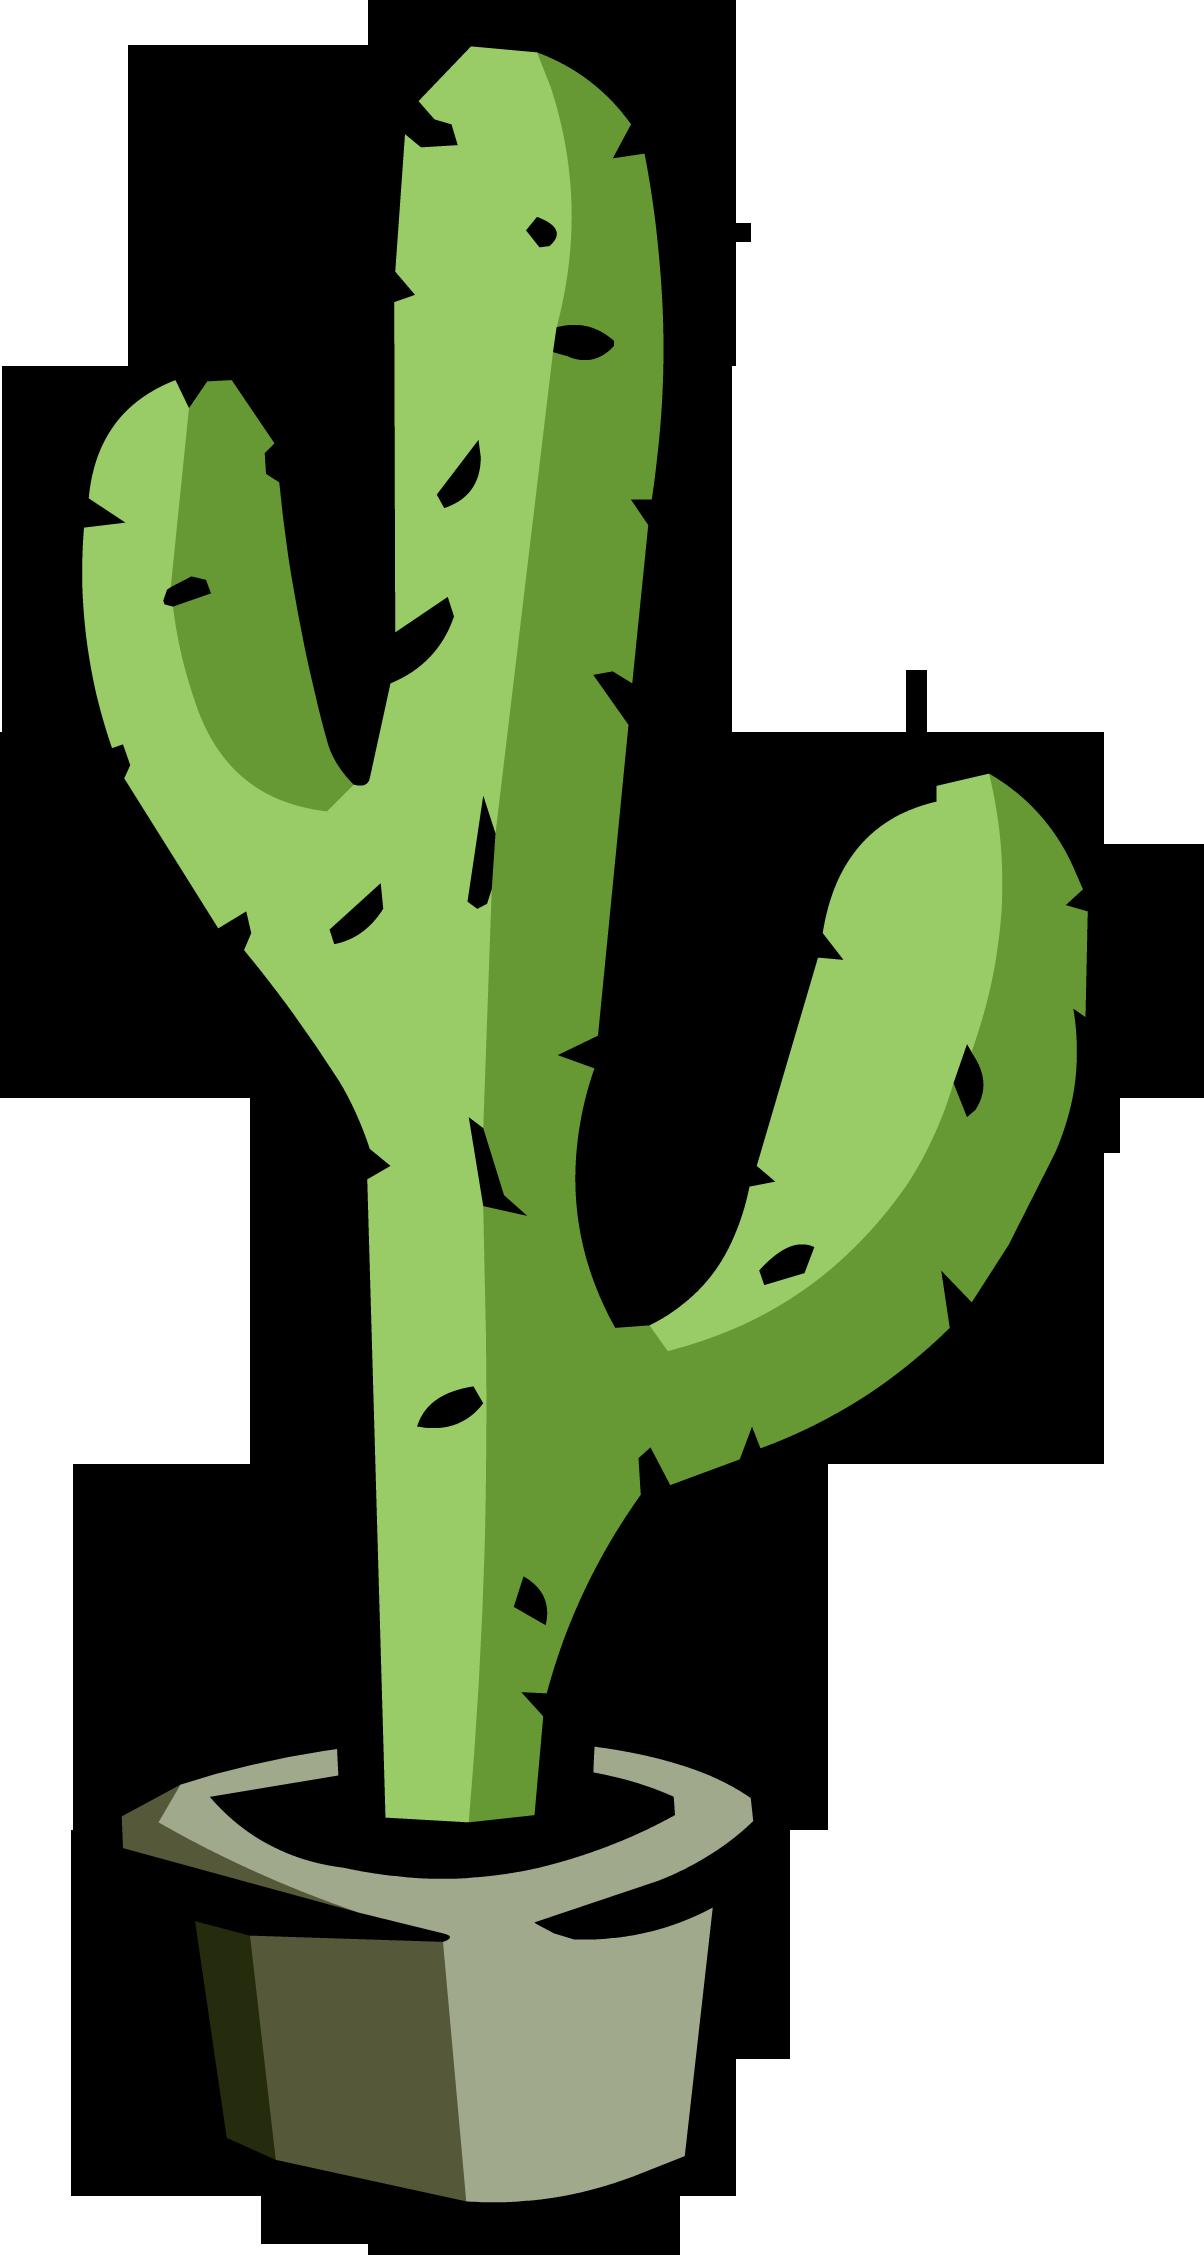 Cactus Png Image Large Free